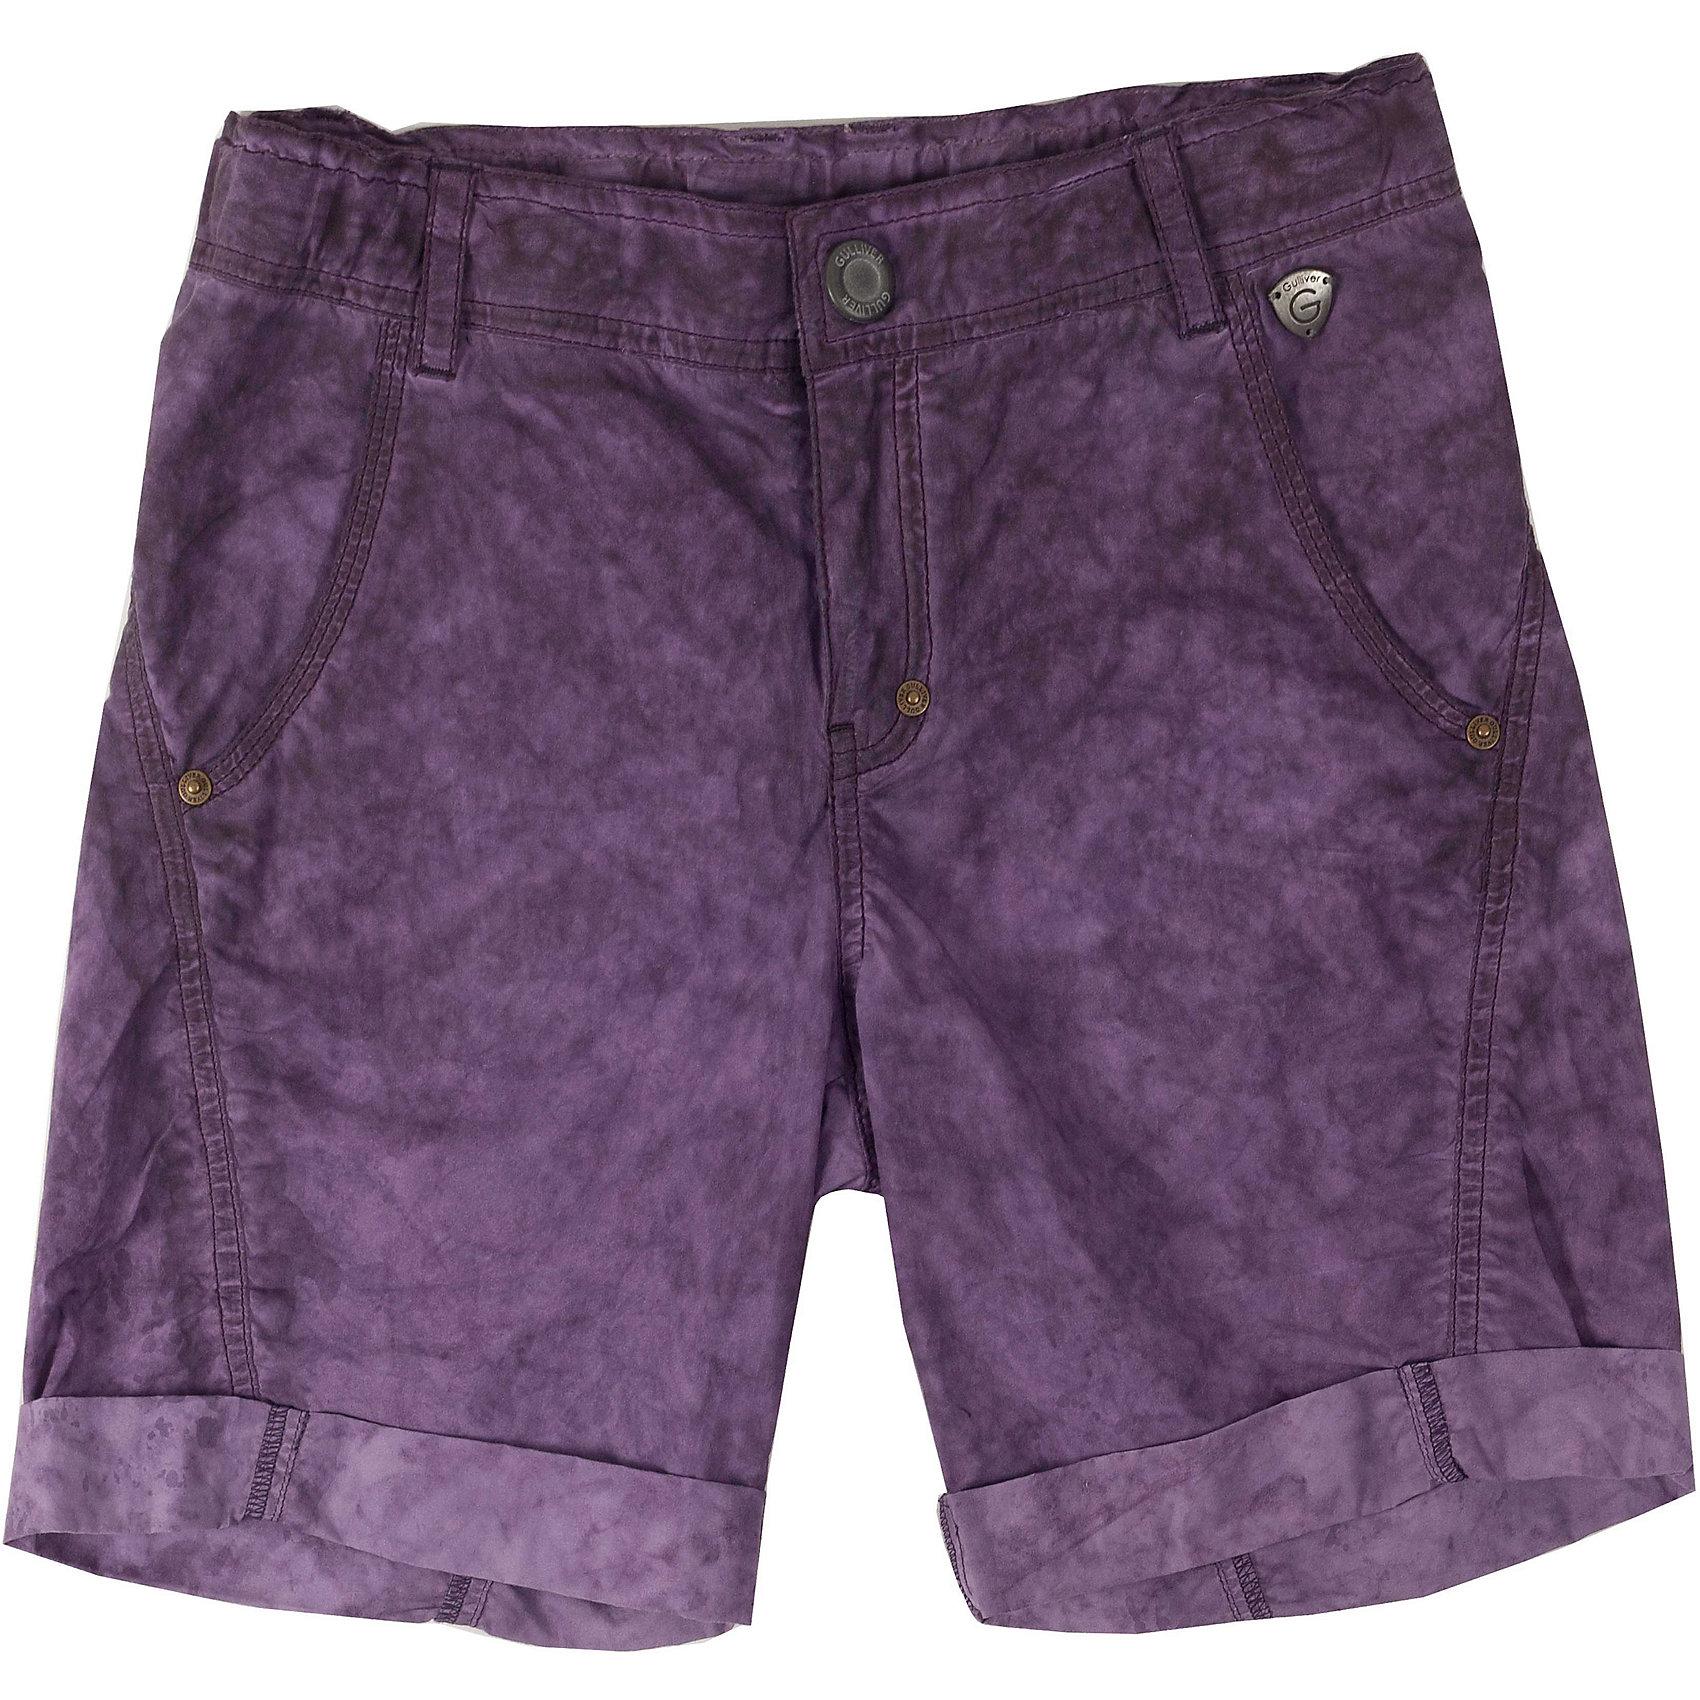 Шорты для мальчика GulliverЦветные шорты для мальчика - хит сезона Весна-Лето 2016. Модный цвет, специальная варка изделия, создающая эффект легкой потертости, состаренности изделия, интересный удобный крой делают эту модель незаменимым атрибутом прогулочного гардероба ребенка. Вы хотите купить стильные комфортные шорты на каждый день для лагеря или дачи? Модель, выполненная из мягкого цветного текстиля - оптимальное решение для практичного летнего гардероба стильного активного мальчика.<br>Состав:<br>100% хлопок<br><br>Ширина мм: 191<br>Глубина мм: 10<br>Высота мм: 175<br>Вес г: 273<br>Цвет: фиолетовый<br>Возраст от месяцев: 108<br>Возраст до месяцев: 120<br>Пол: Мужской<br>Возраст: Детский<br>Размер: 140,152,128,146,158,134<br>SKU: 4534325